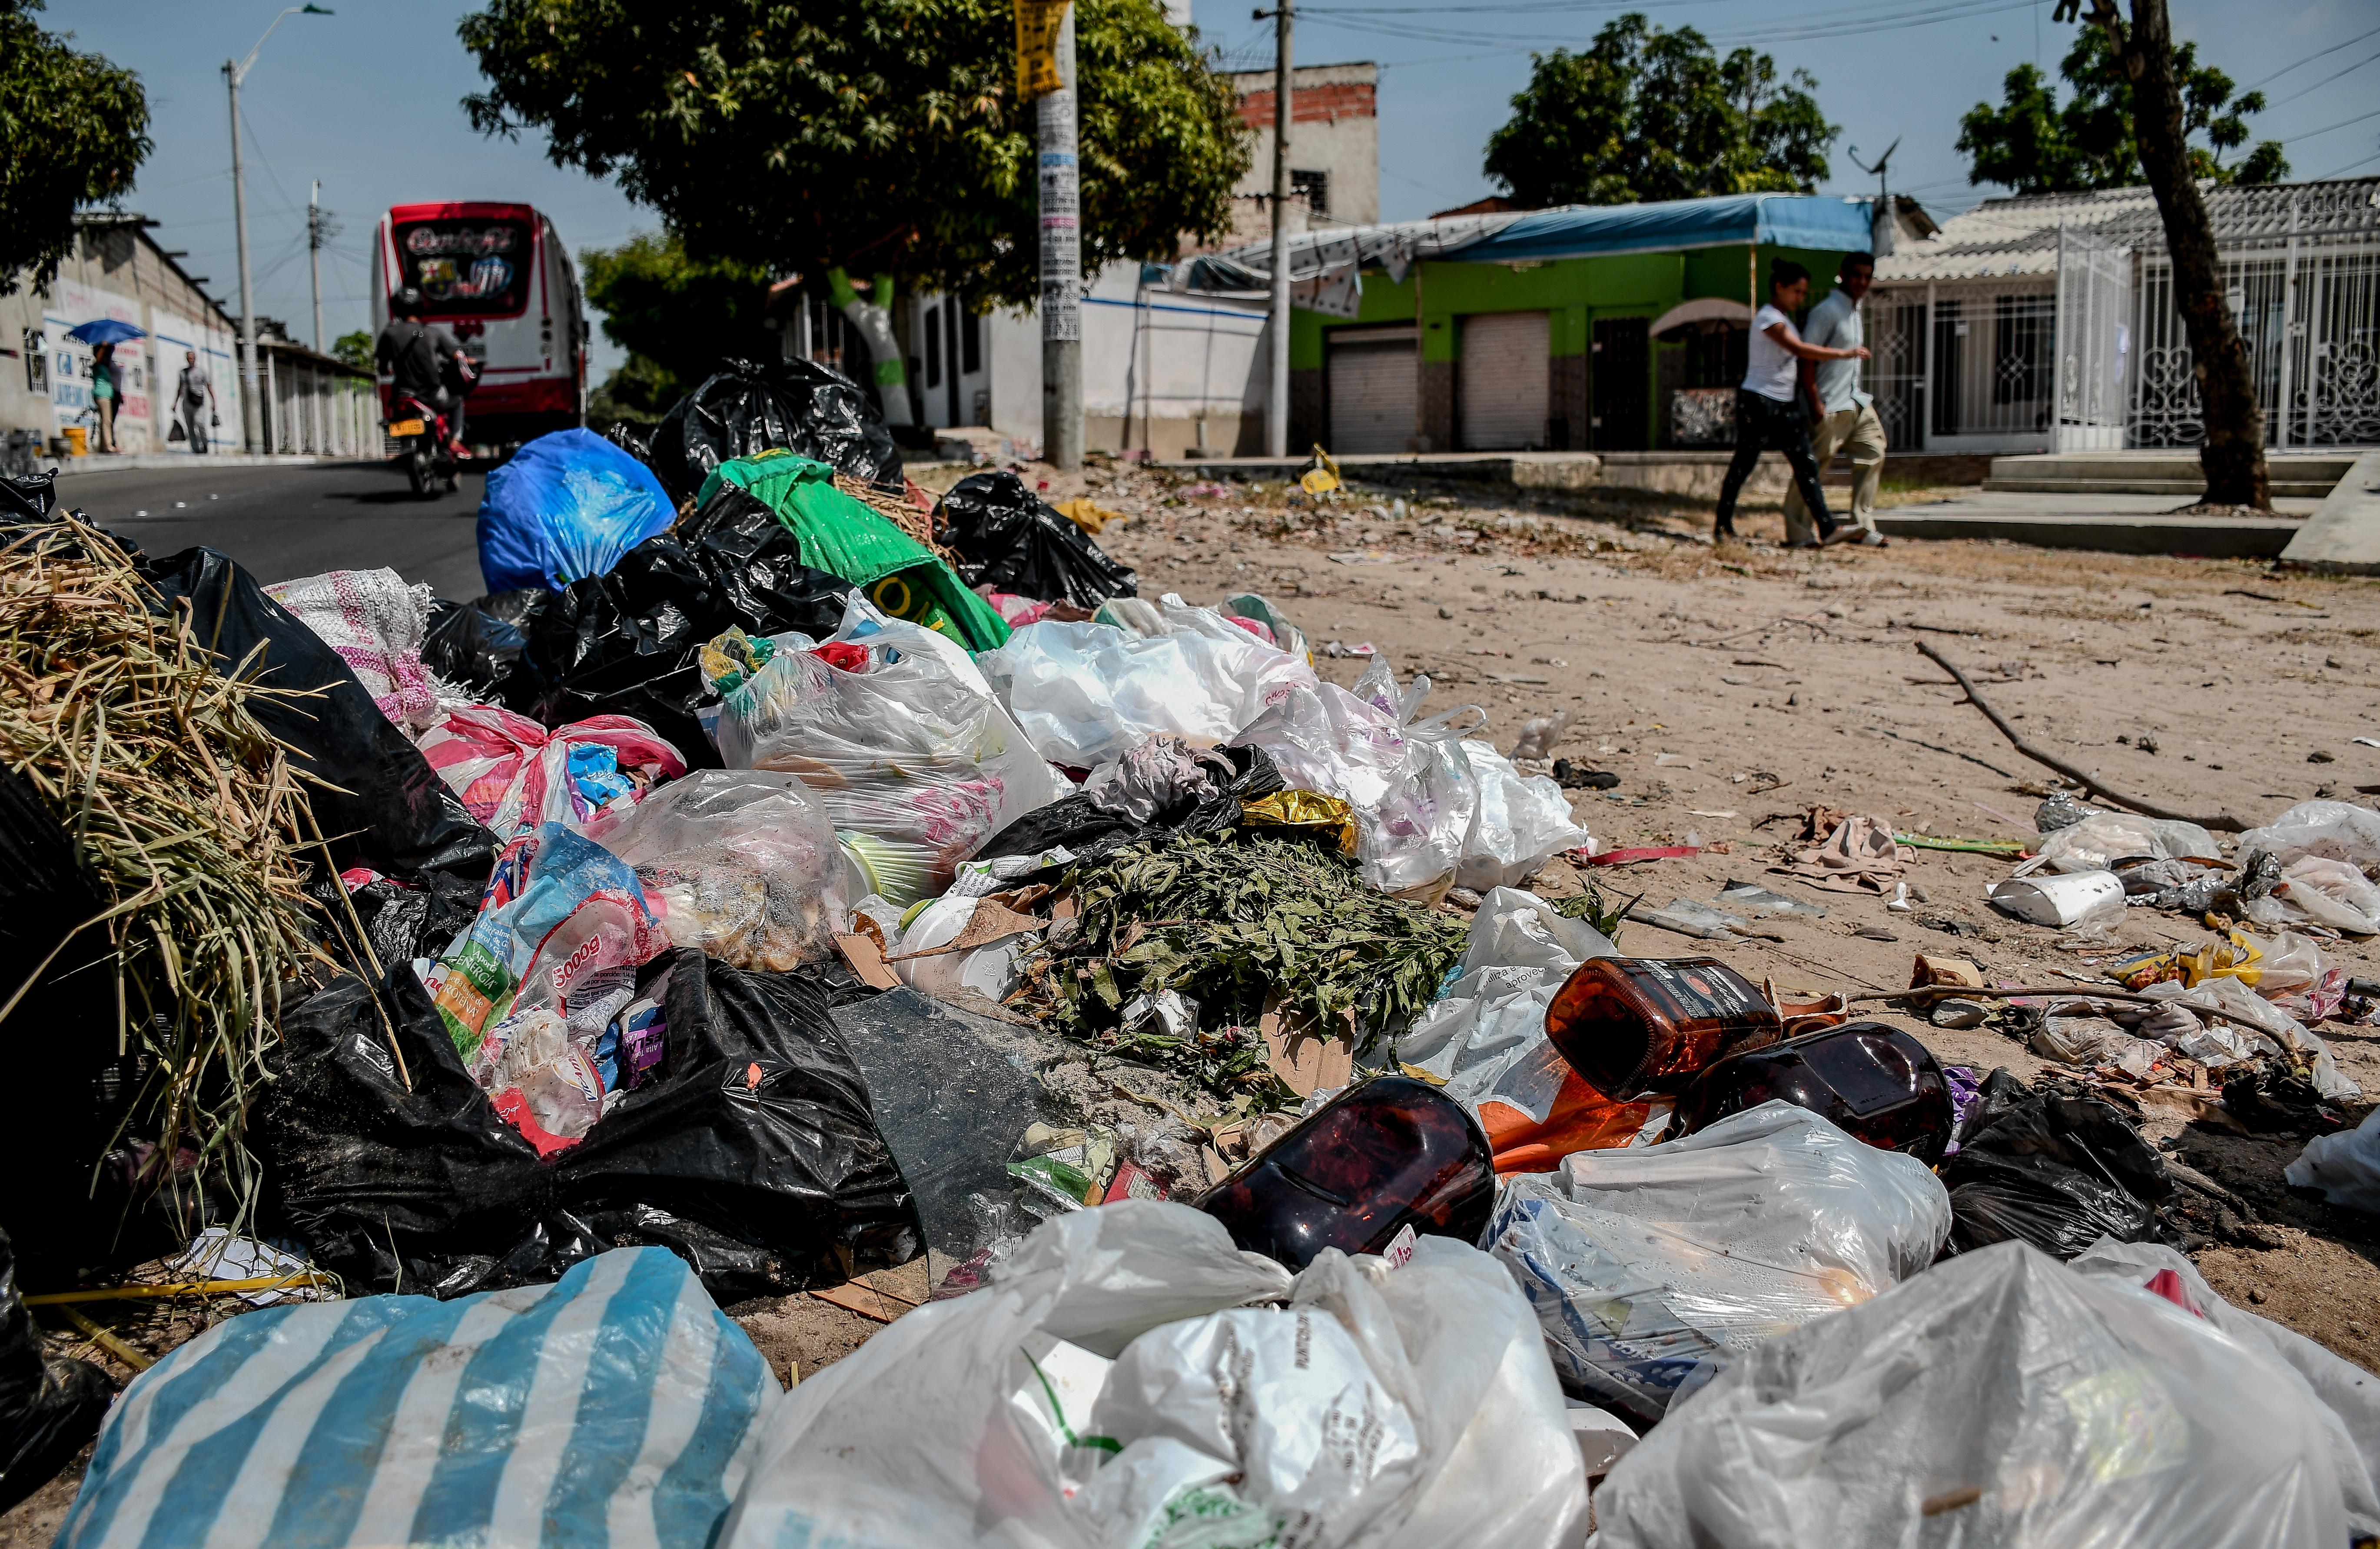 Algunas de las bolsas negras están abiertas y de su interior salen residuos que quedan en las calles.